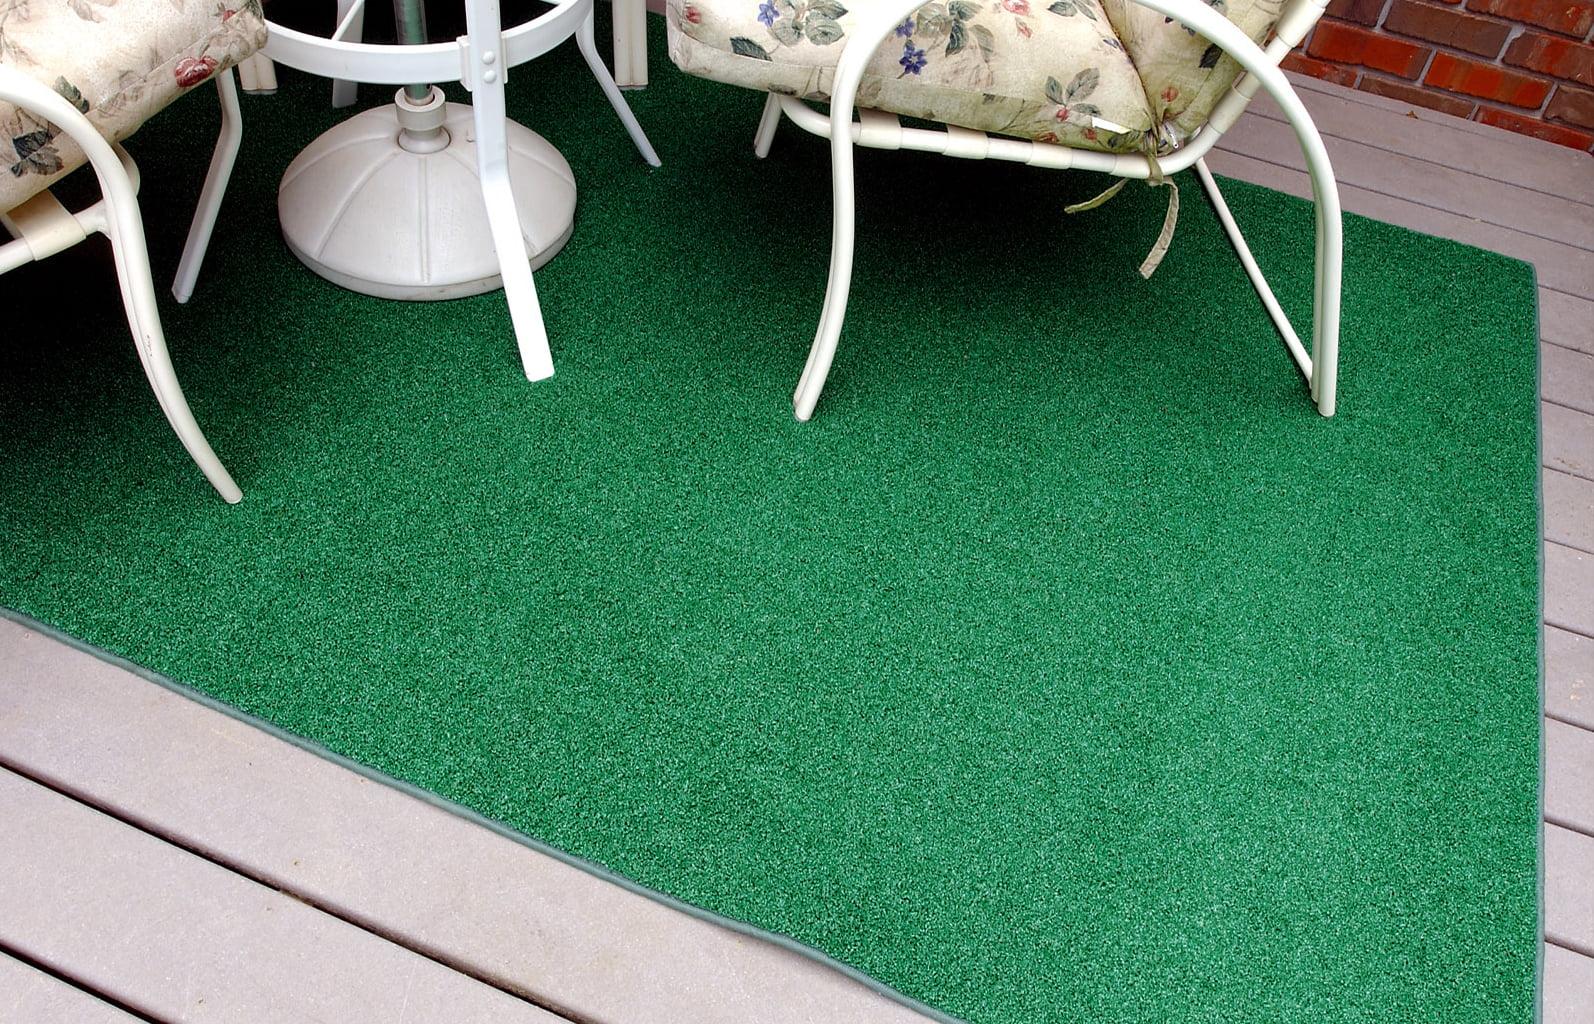 garland artificial grass green indoor outdoor area rug 4 x 6